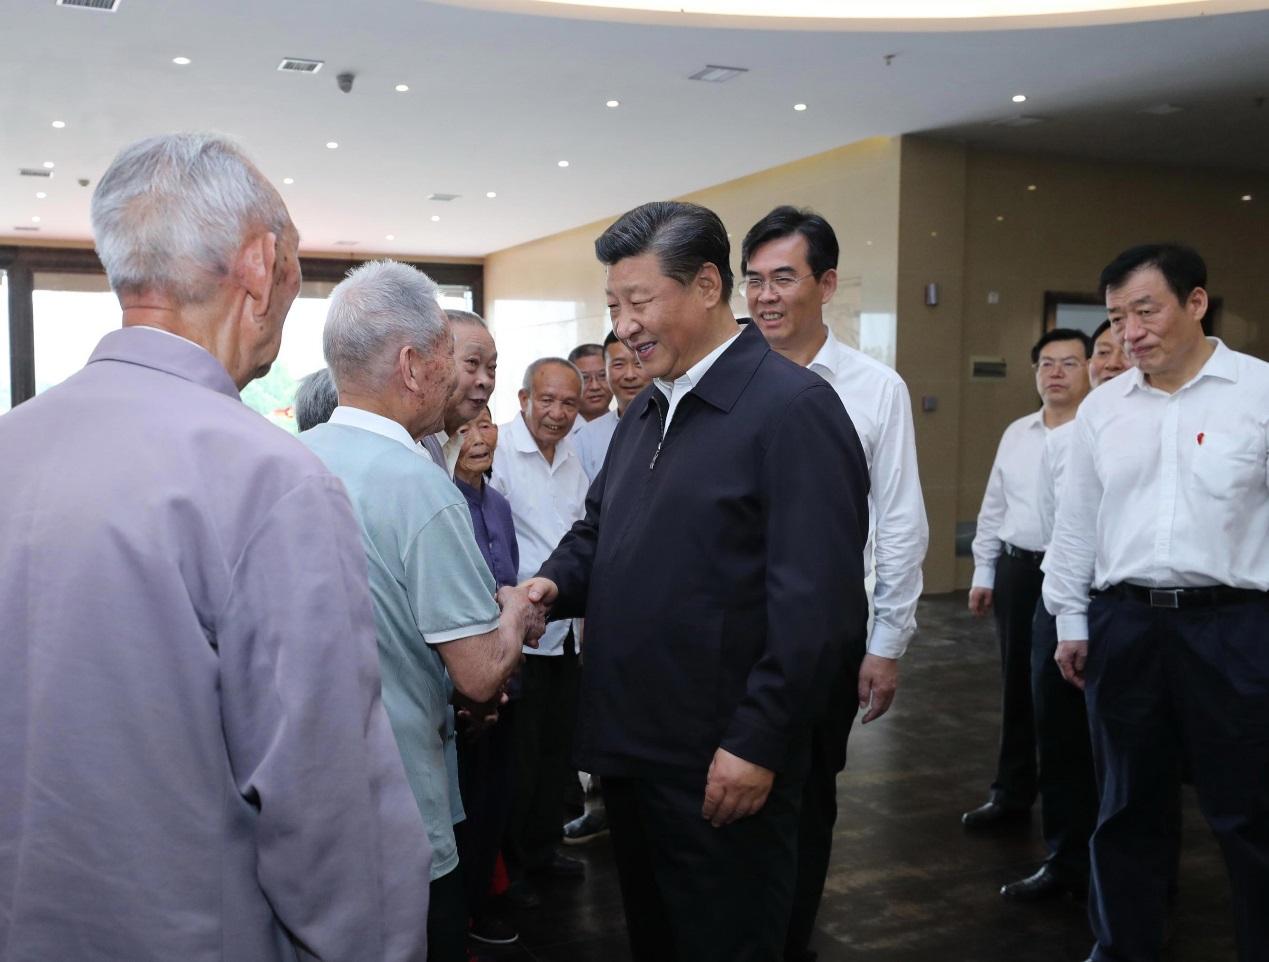 2019年5月20日,习近平在赣州市于都县中央红军长征出发纪念馆会见于都县的红军后代、革命烈士家属代表。